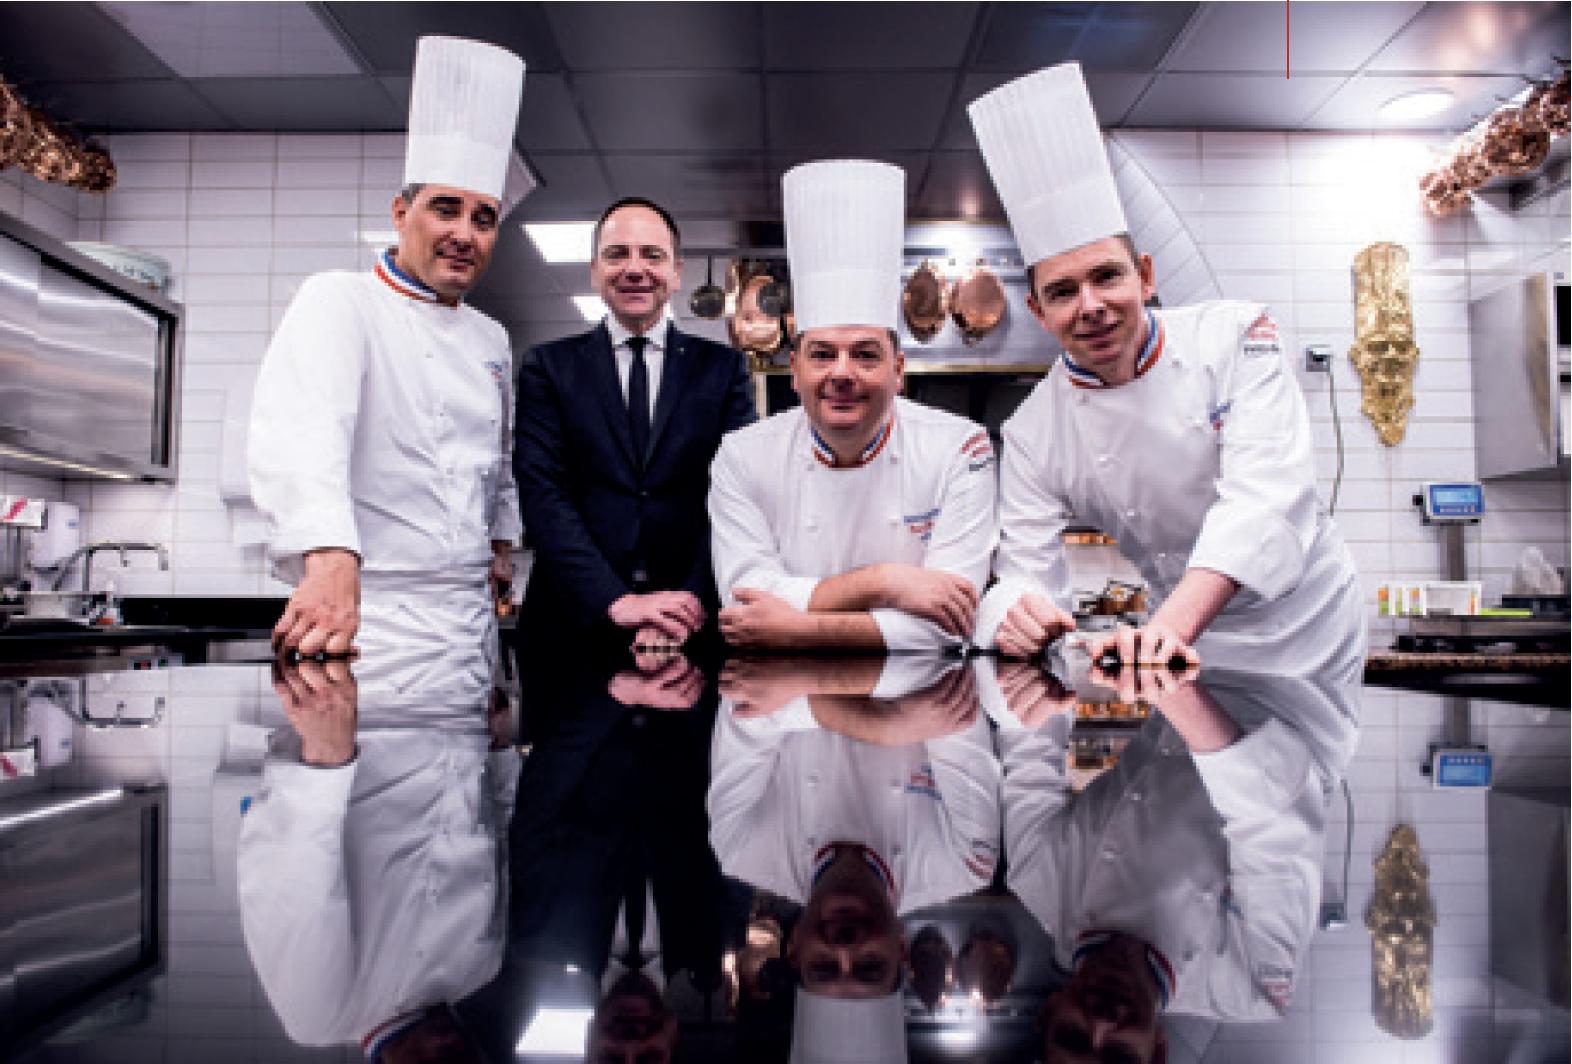 Restaurant Paul Bocuse - Auberge du Pont de Collonges - Paul Bocuse - Gilles Reinhardt - Christophe Muller - Olivier Couvin